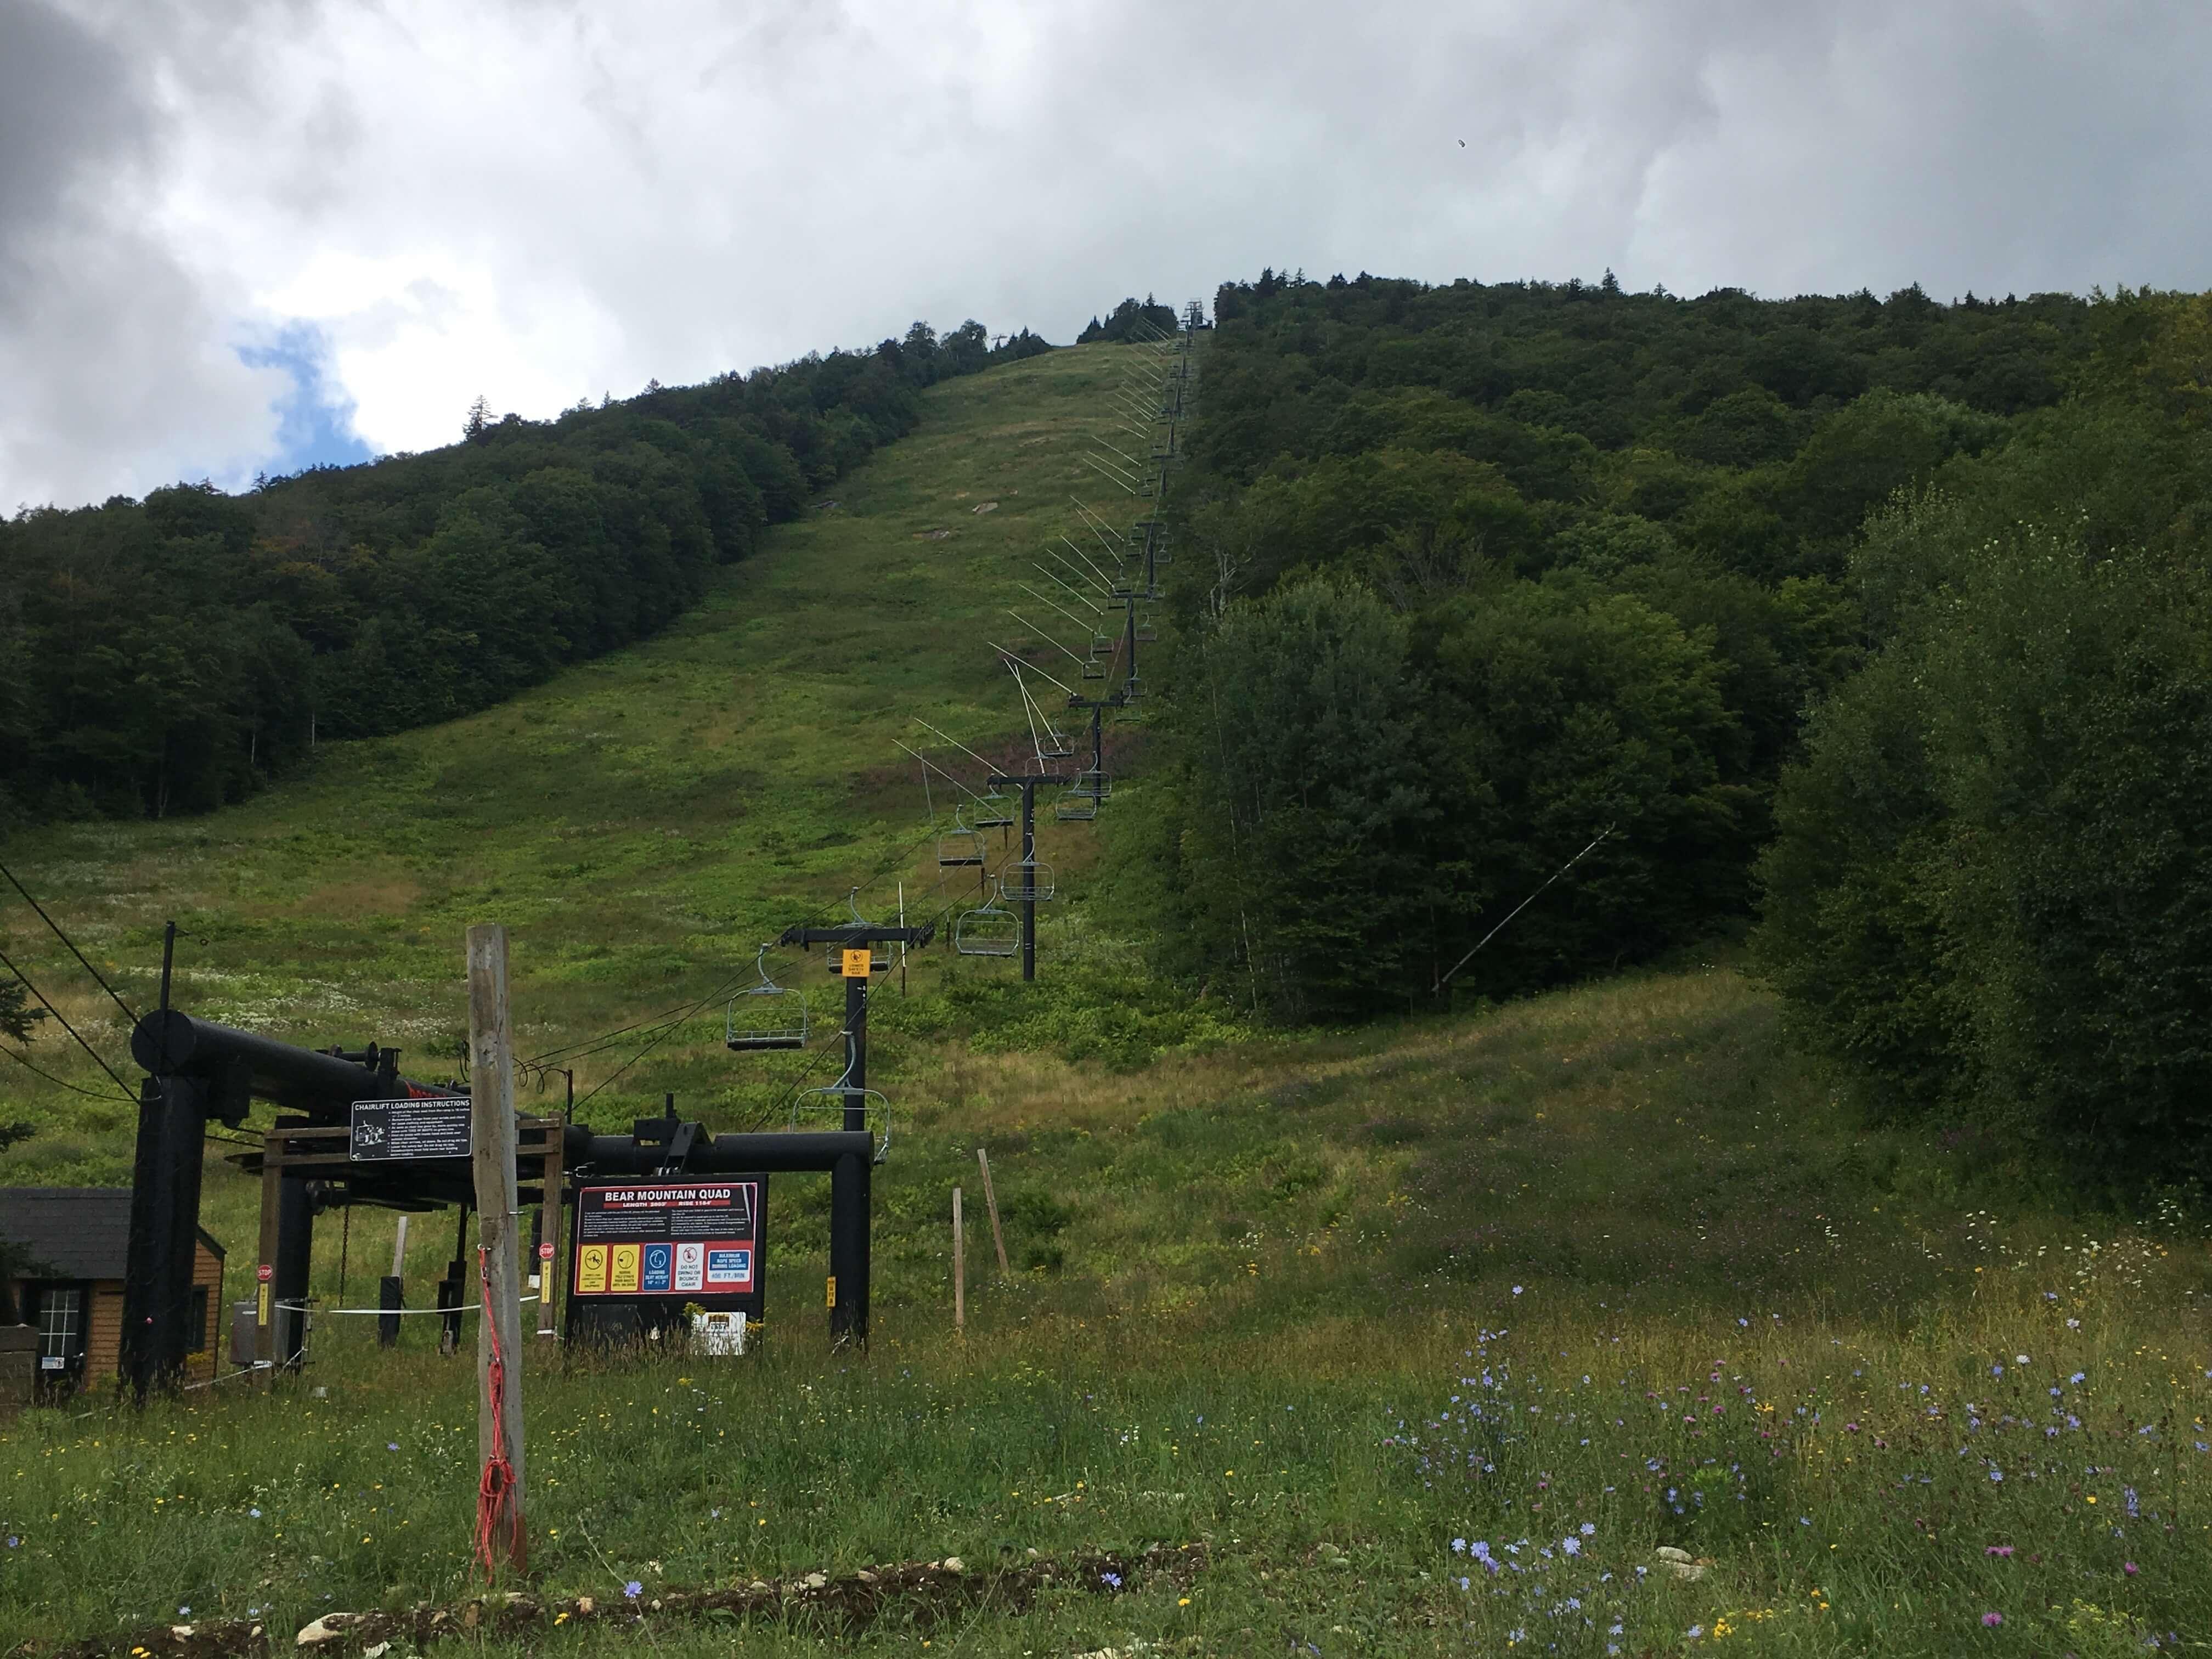 ua mountain running up hill